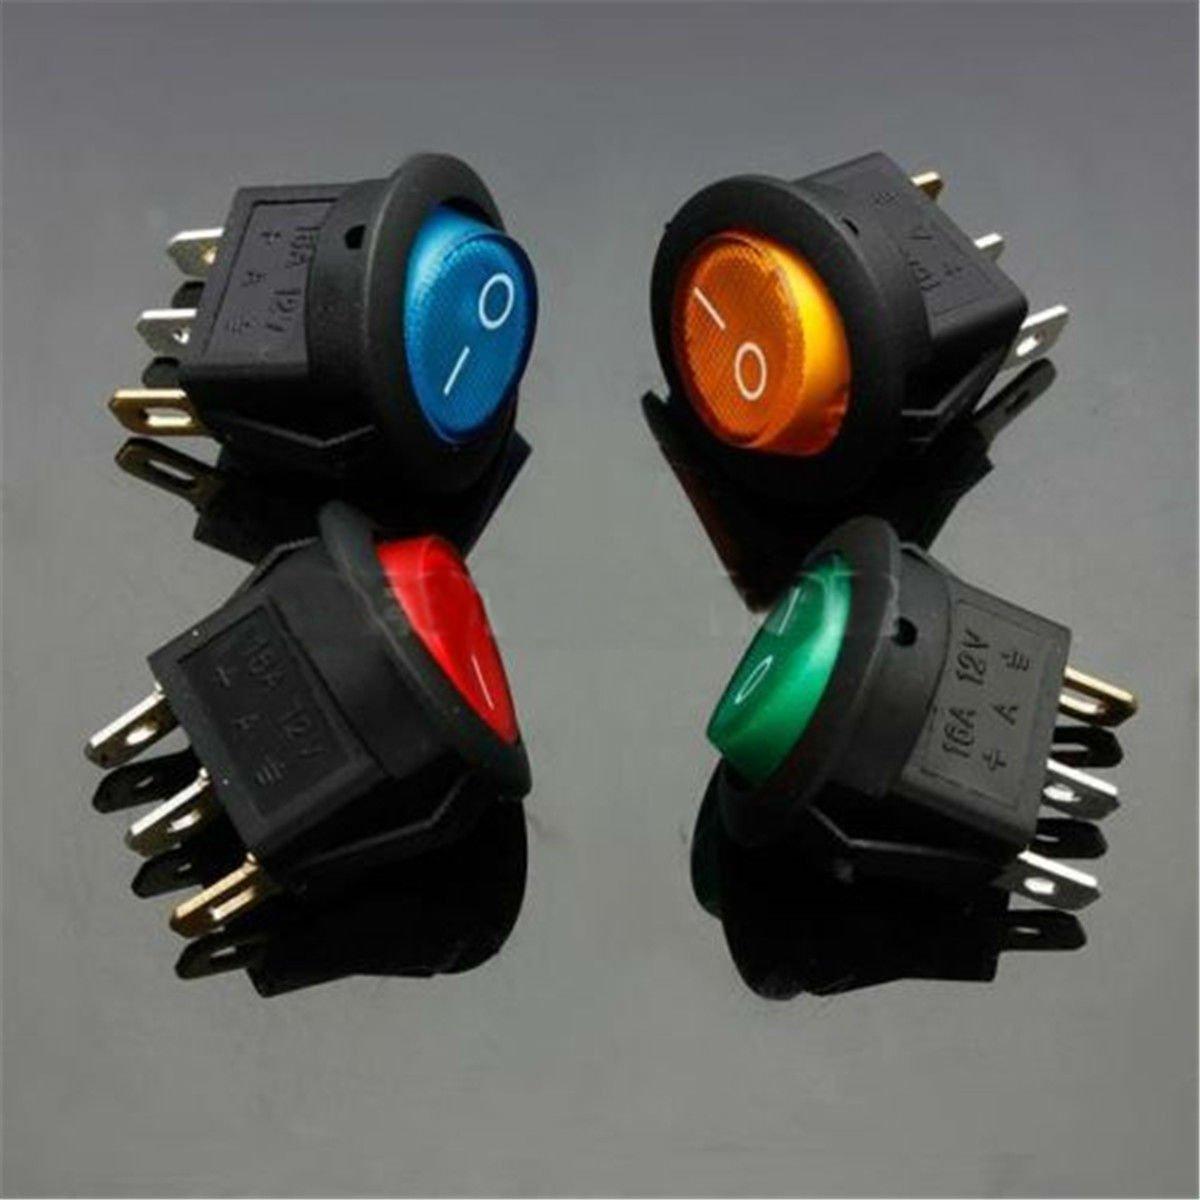 4PCS 12V 16A ON/OFF LED DOT ROUND ROCKER SPST TOGGLE SWITCH CAR AUTO BOAT LIGHT db